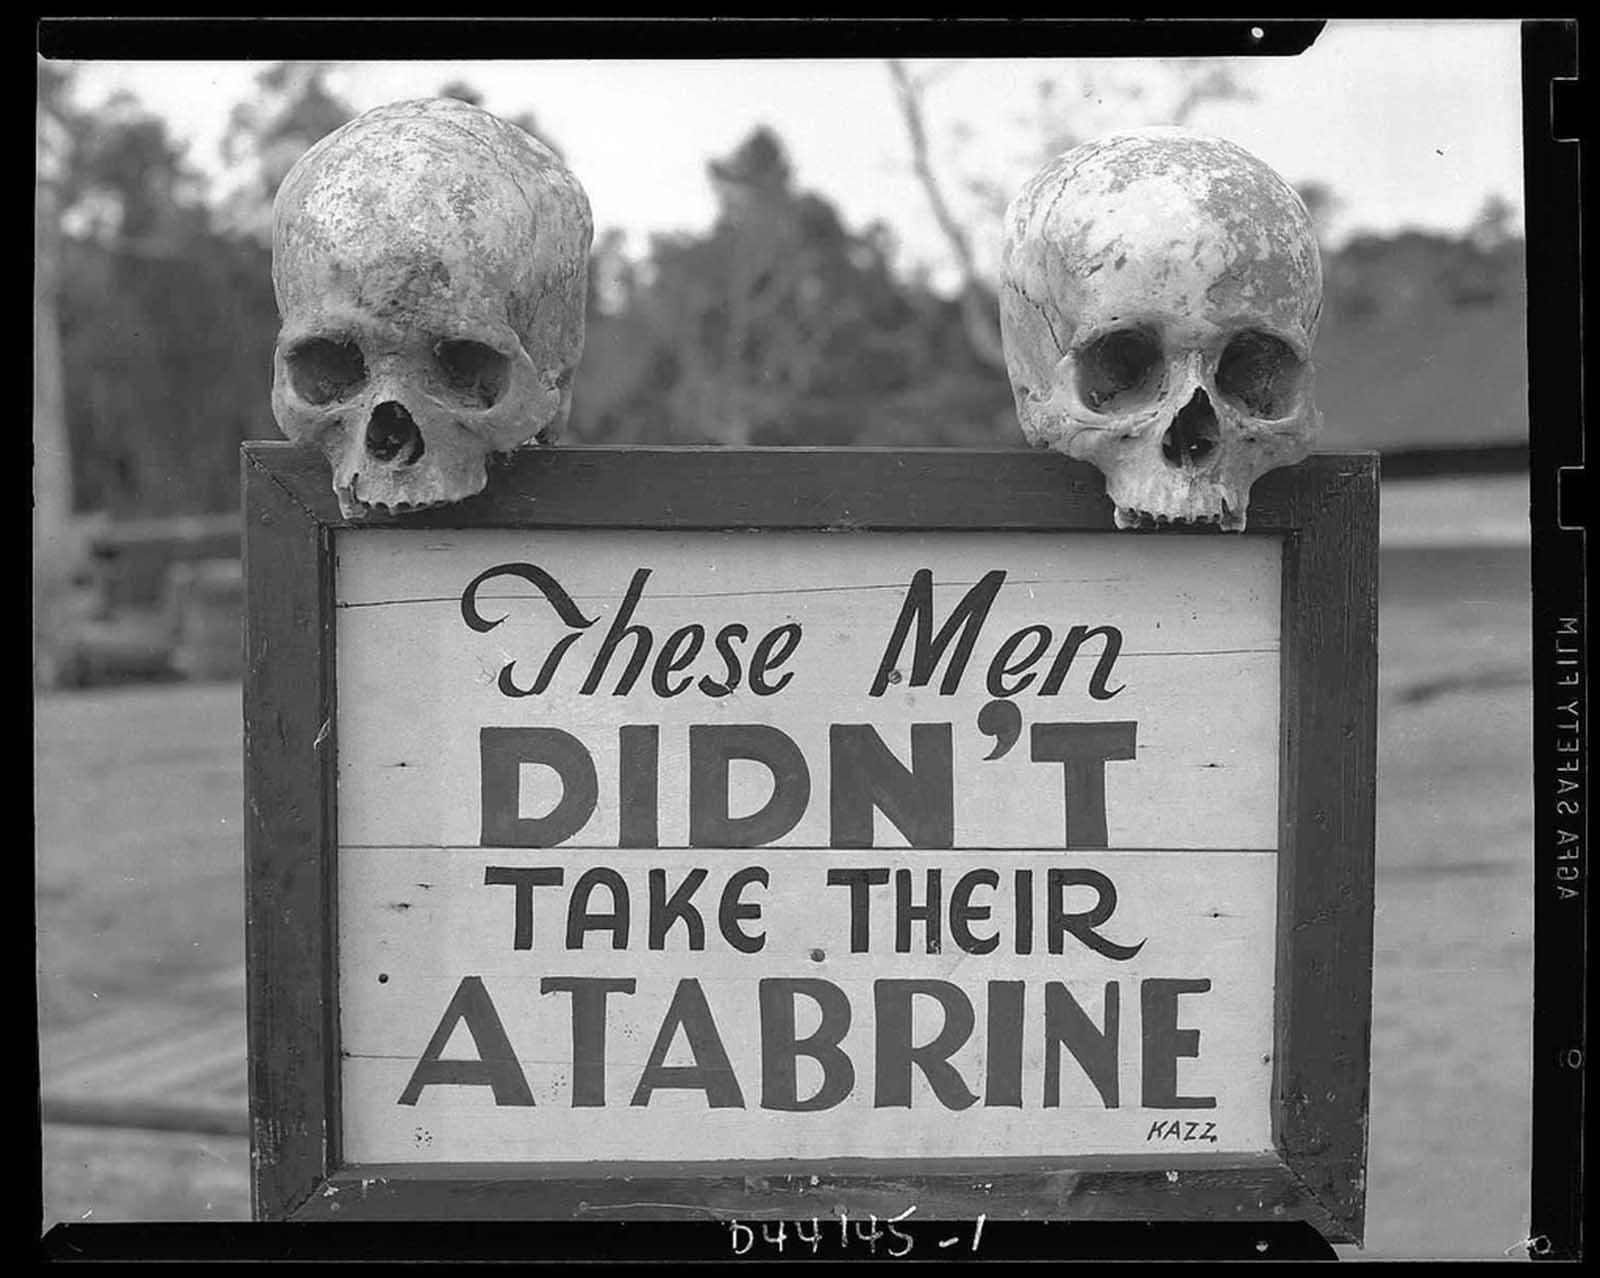 Anuncio de Atabrine, un medicamento contra la malaria, 1941.